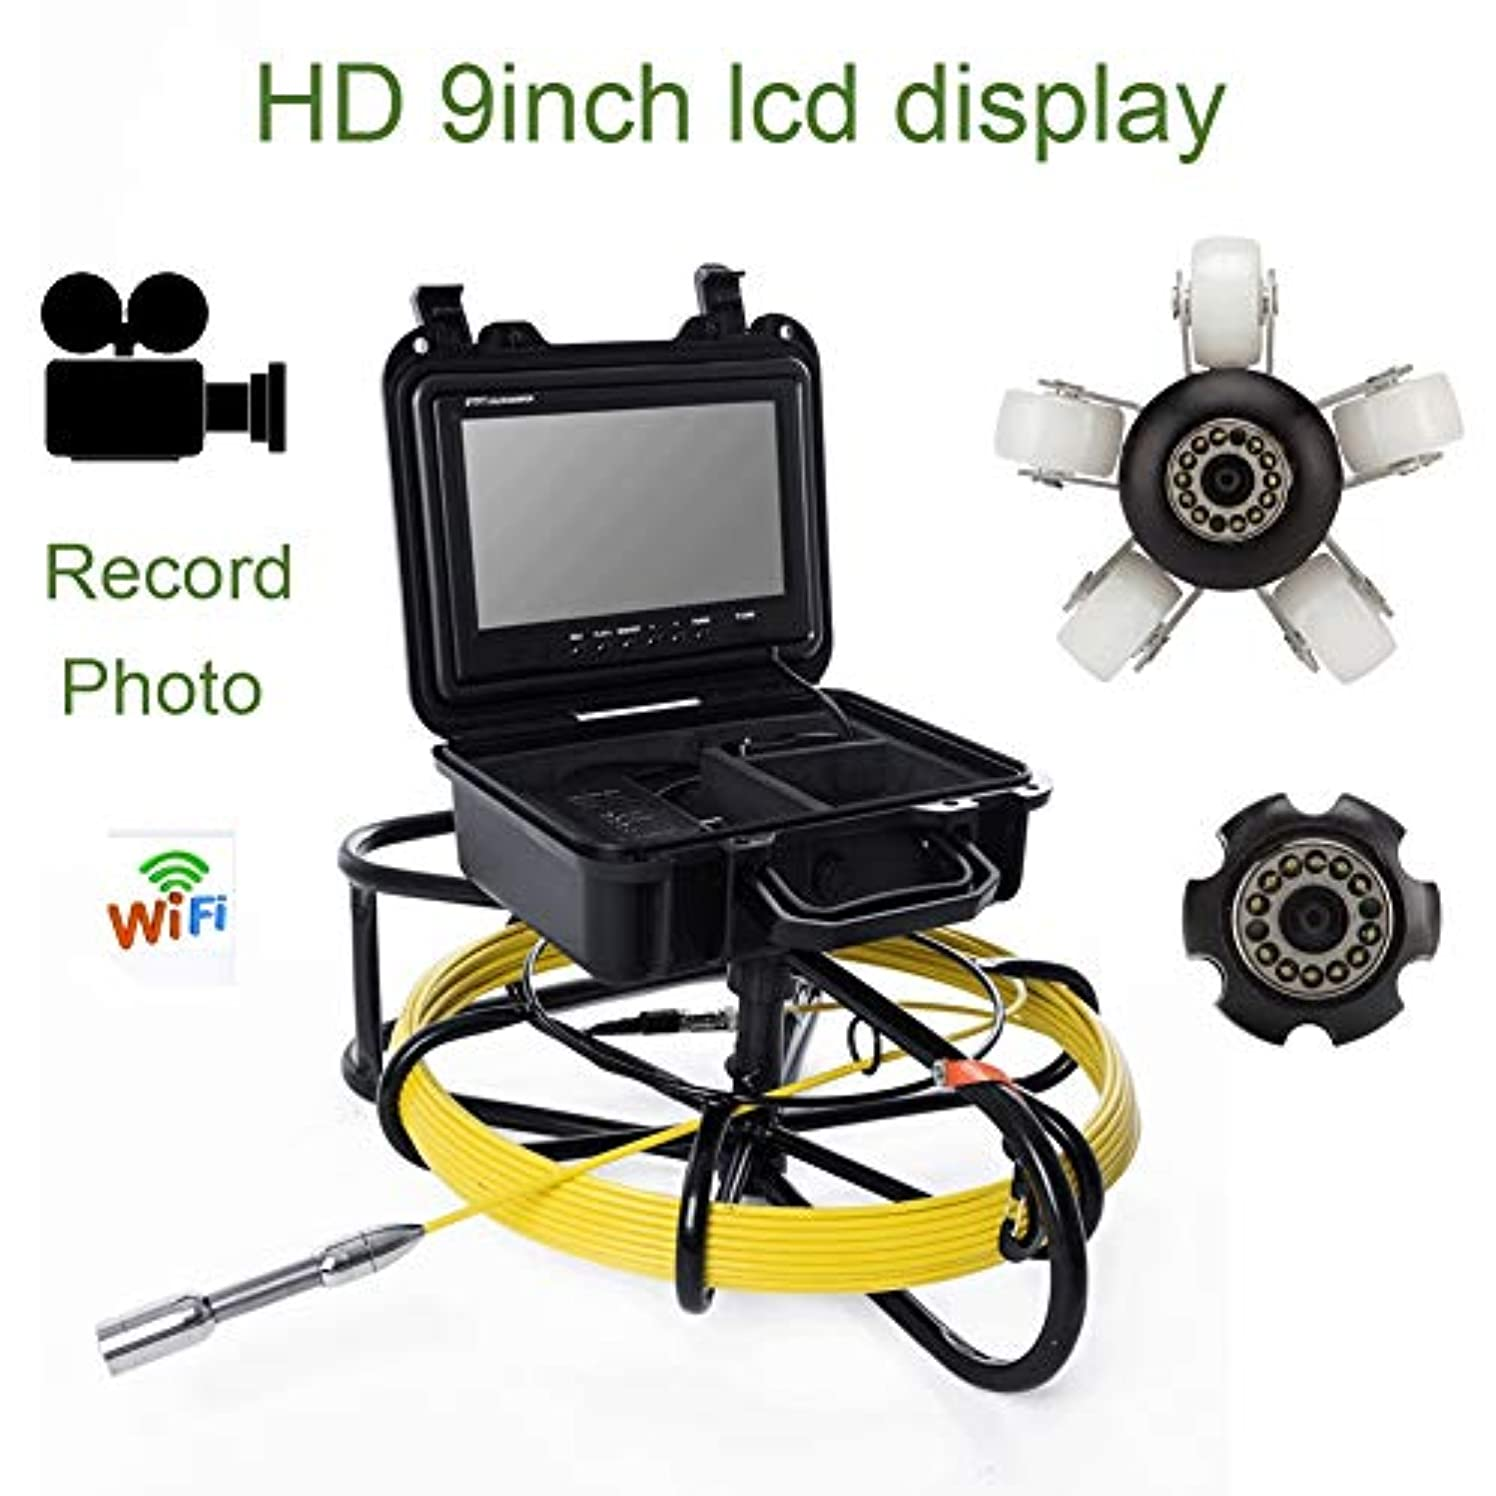 薄いです電話に出る悲惨9インチWIFI工業用パイプライン下水道検知カメラIP68防水排水検知1000 TVL DVR機能,150M